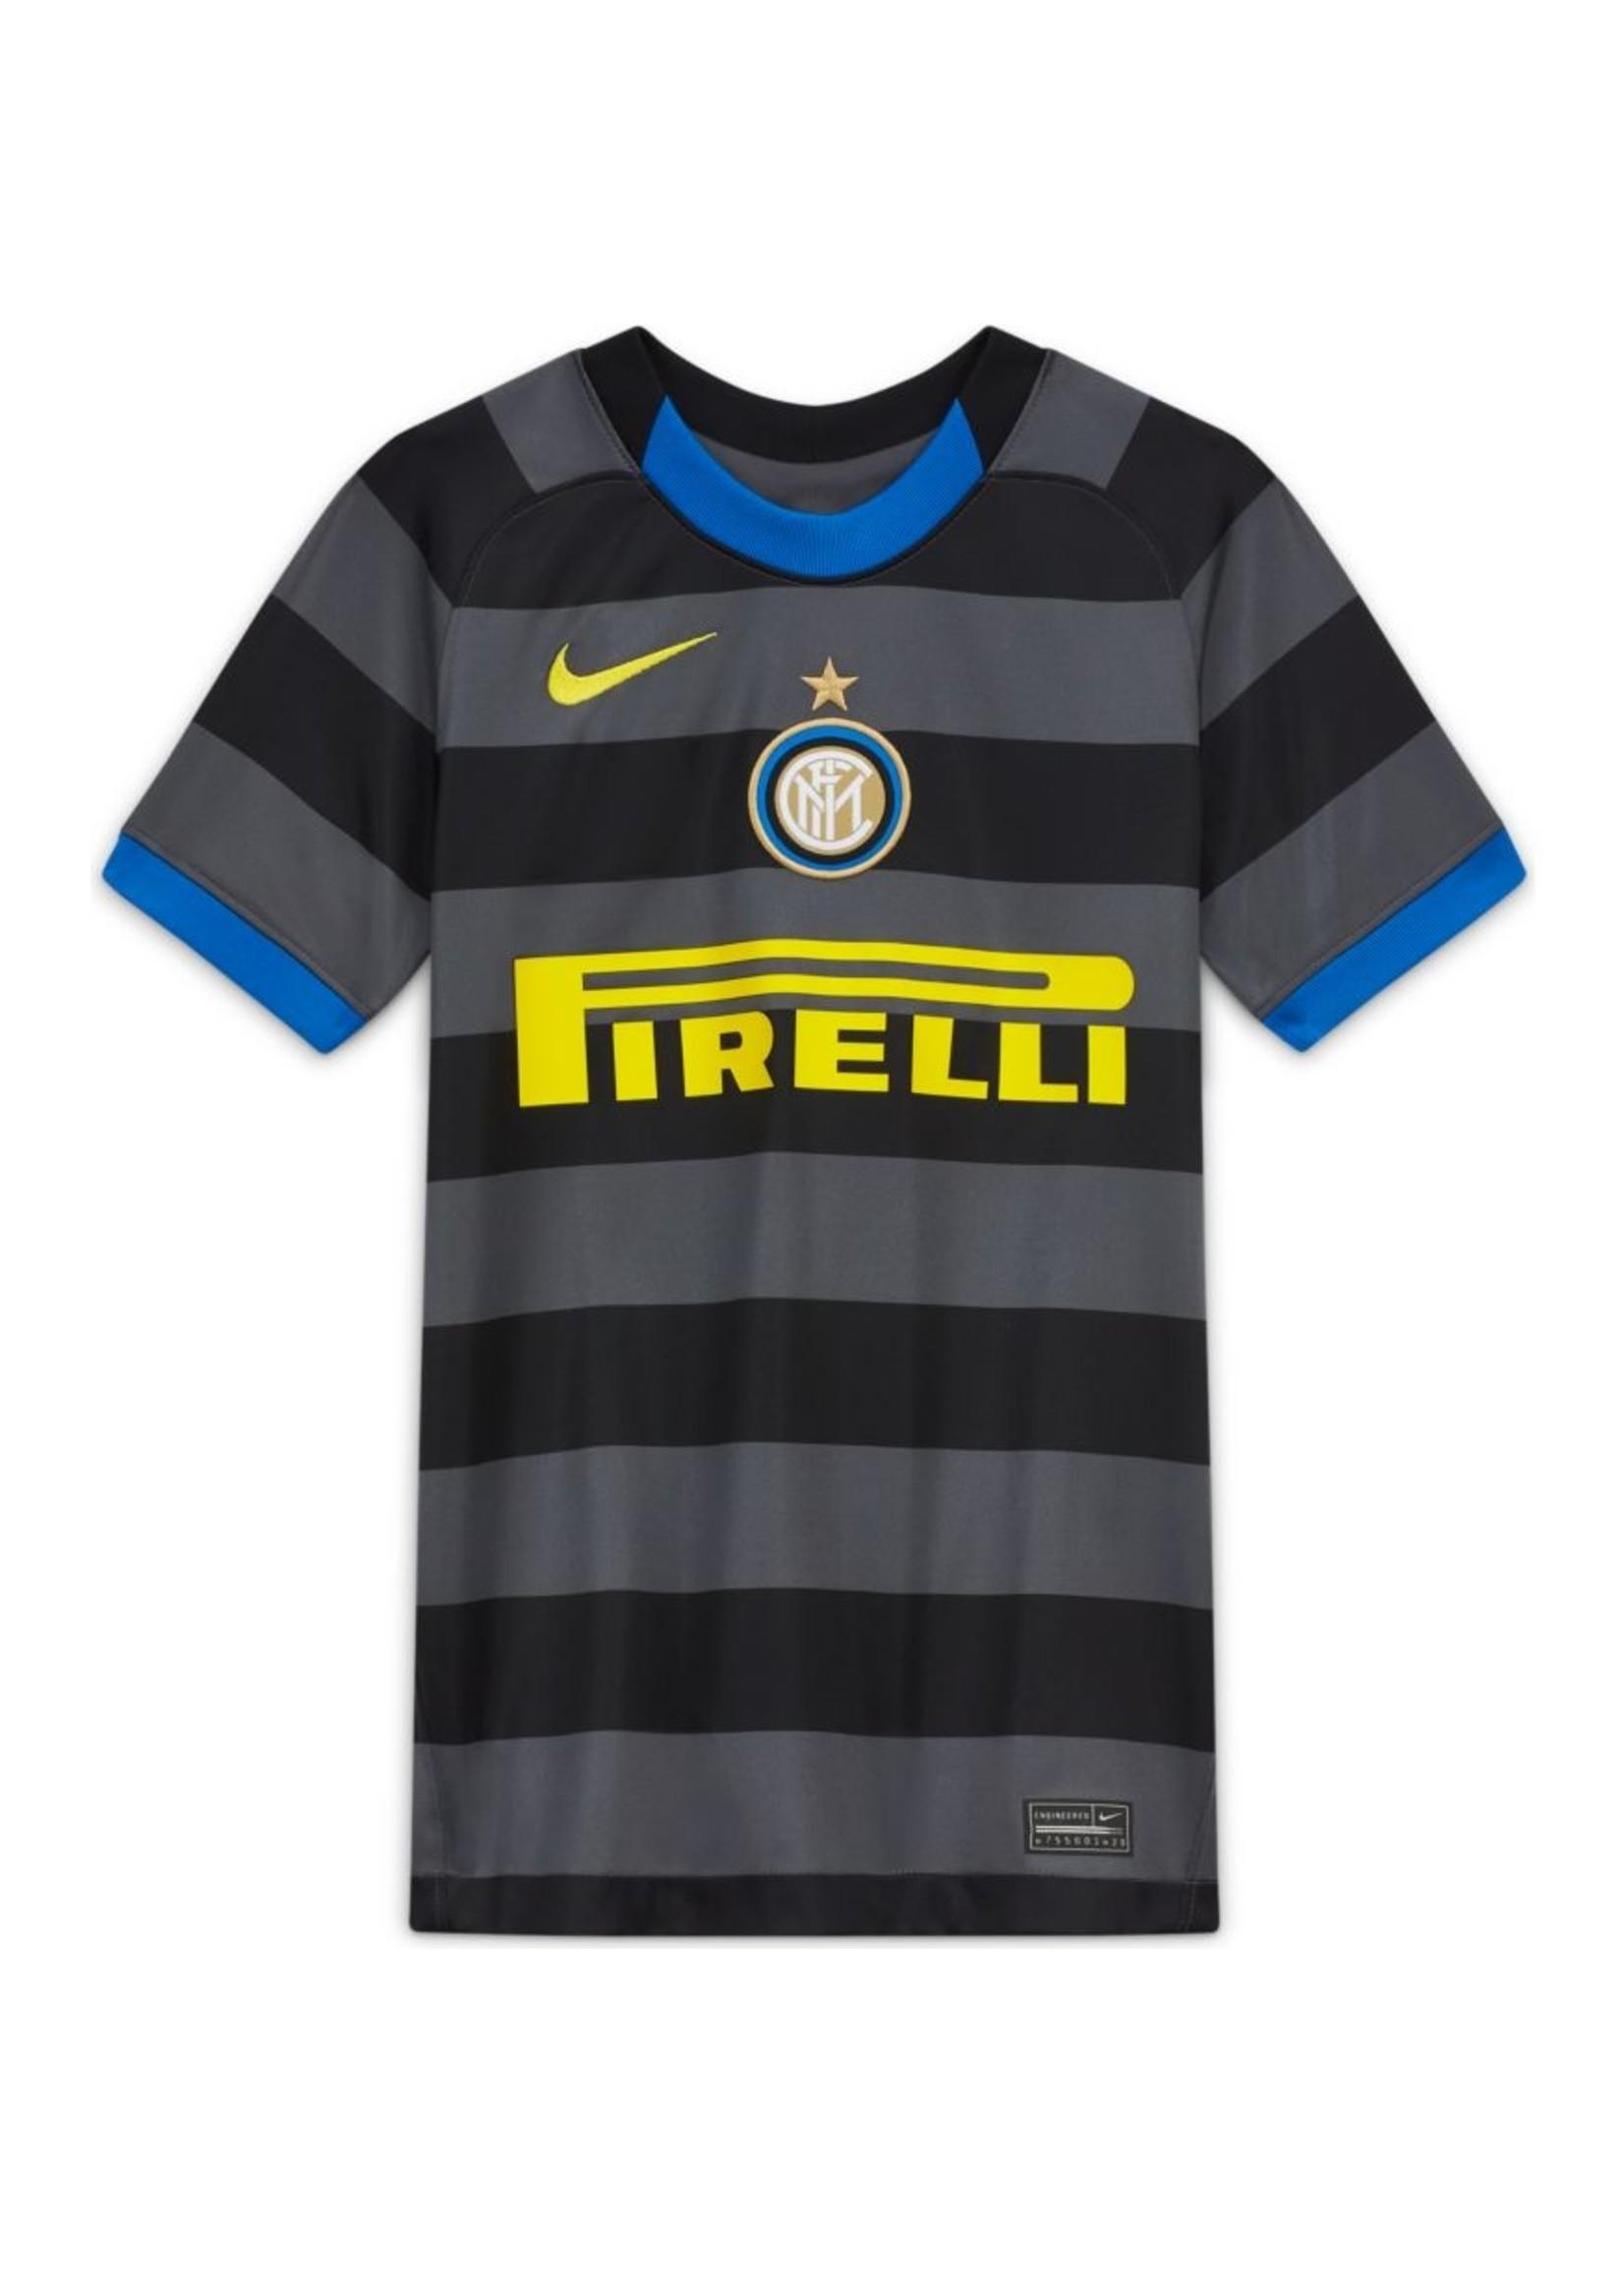 Nike Inter Milan 20/21 Third Jersey Youth